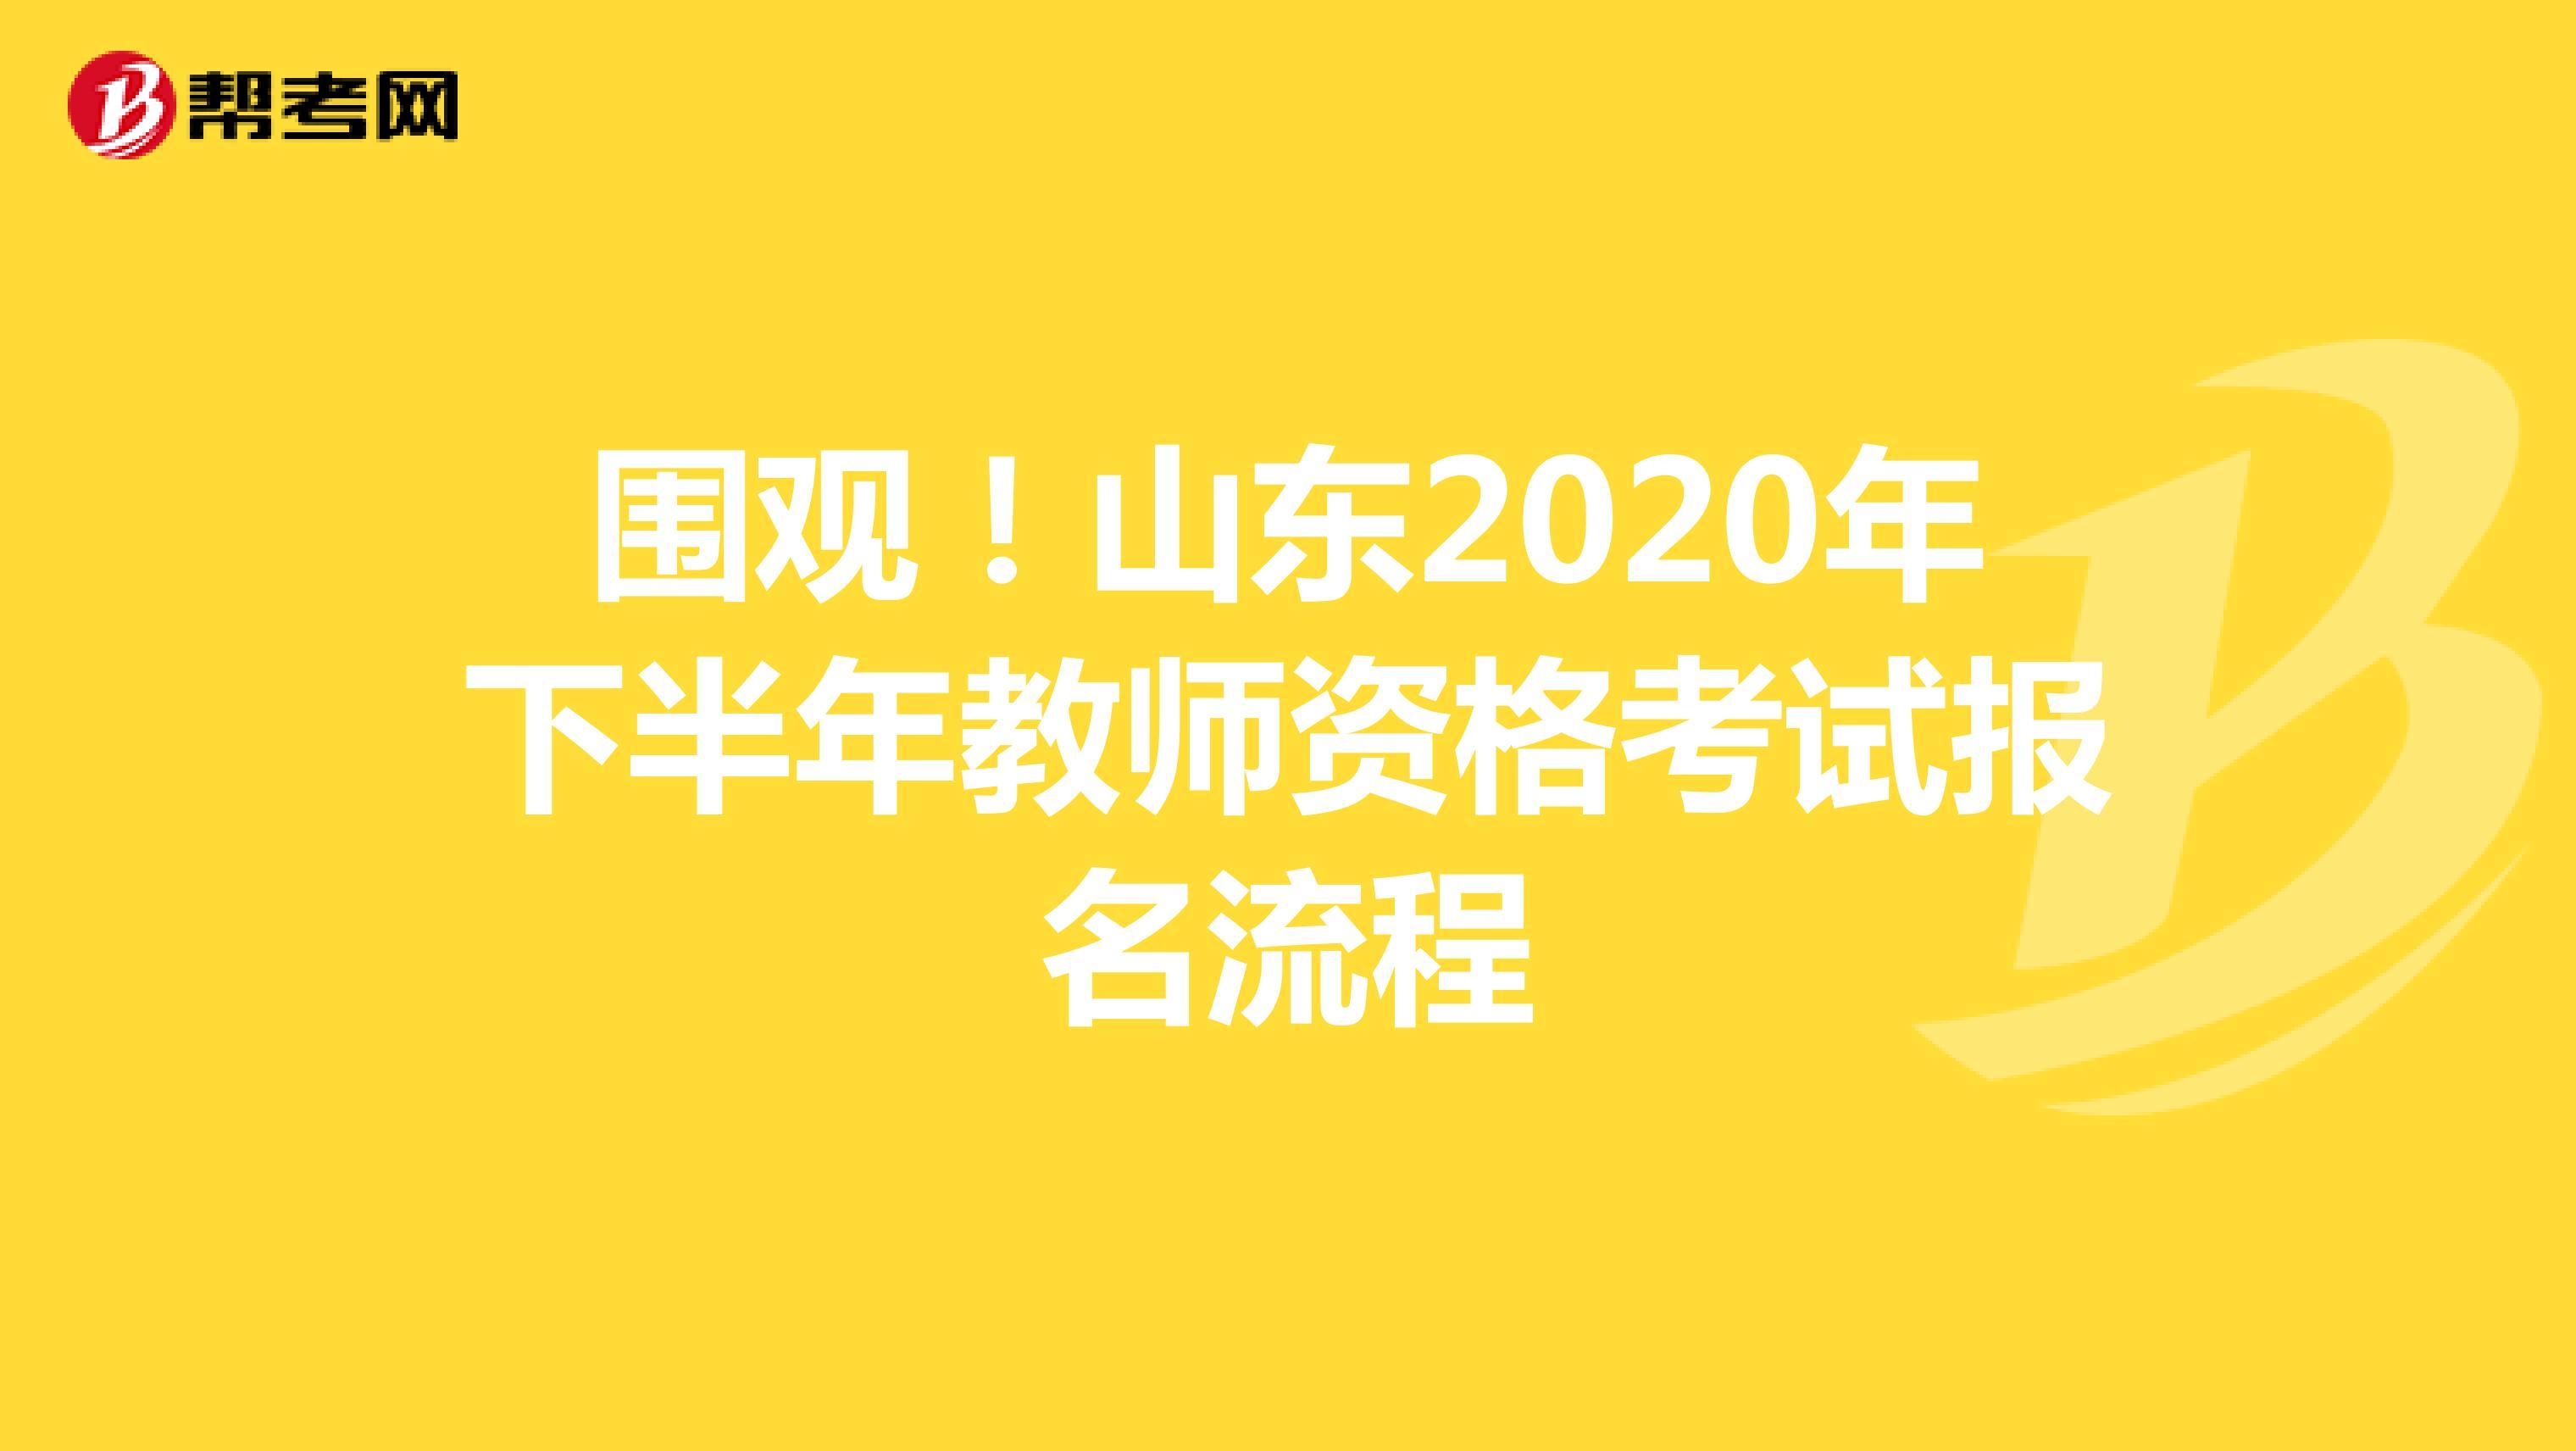 围观!山东2020年下半年教师资格考试报名流程